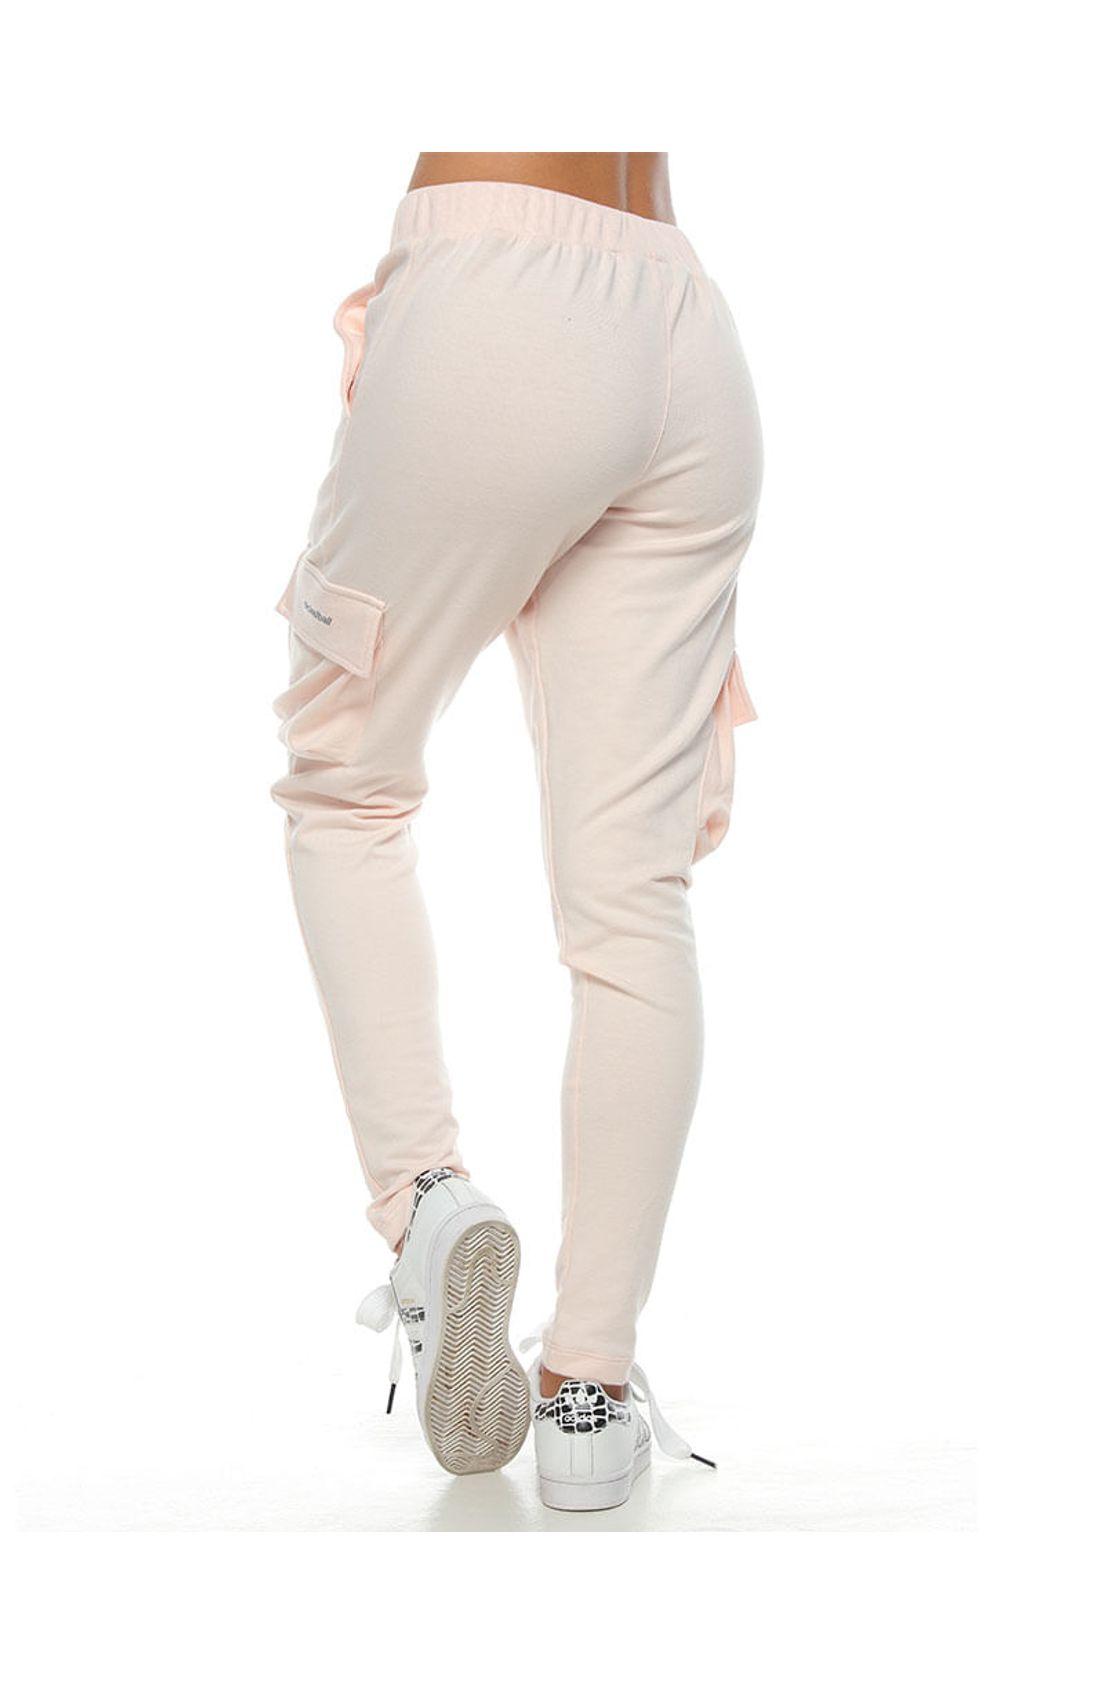 Pantalon Jogger Color Rosa Para Mujer Tennis